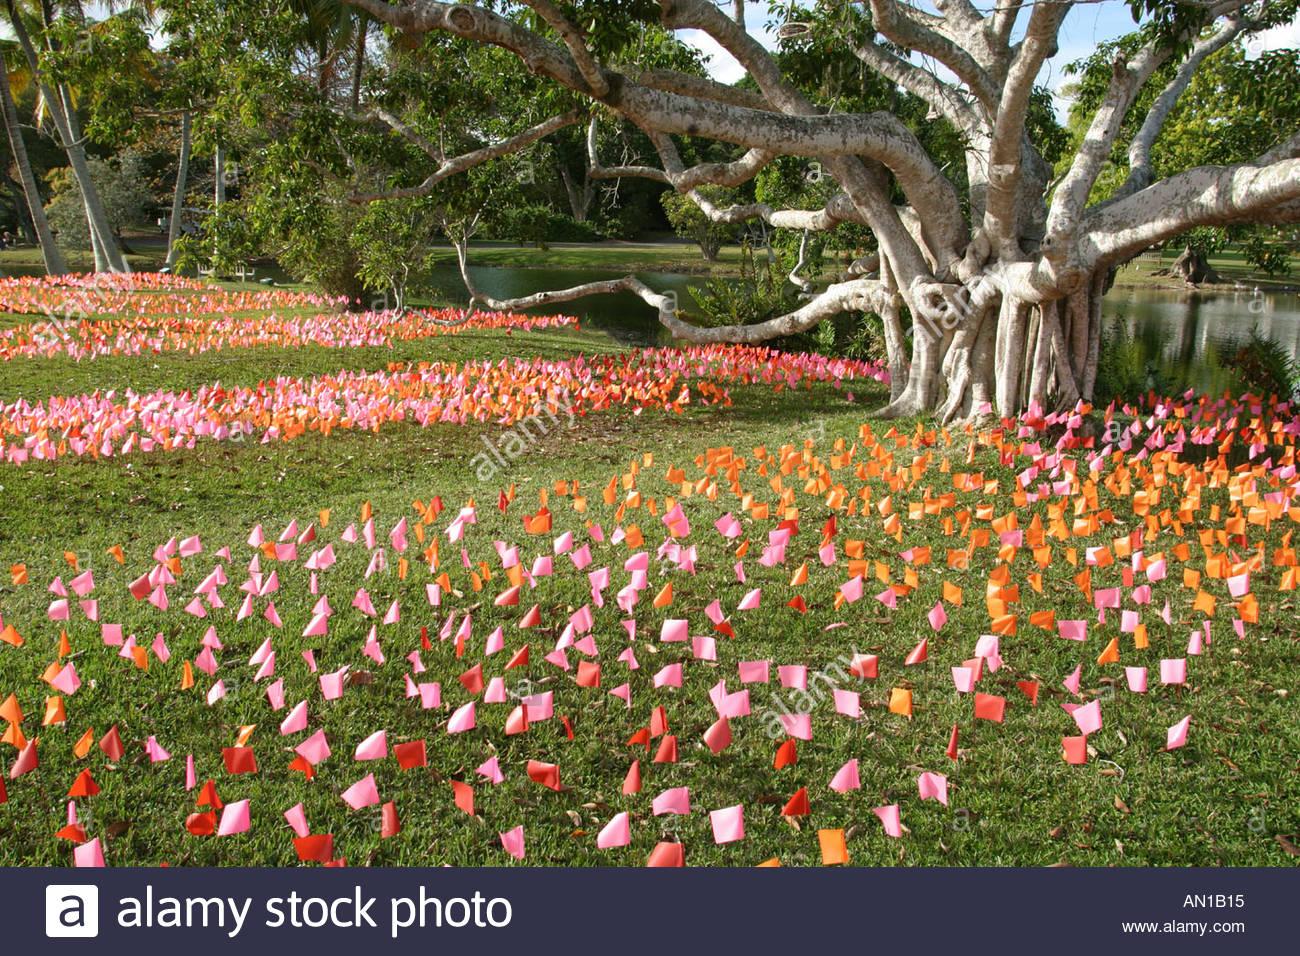 Coral Gables Miami Florida Fairchild Tropical Botanic Garden Flower